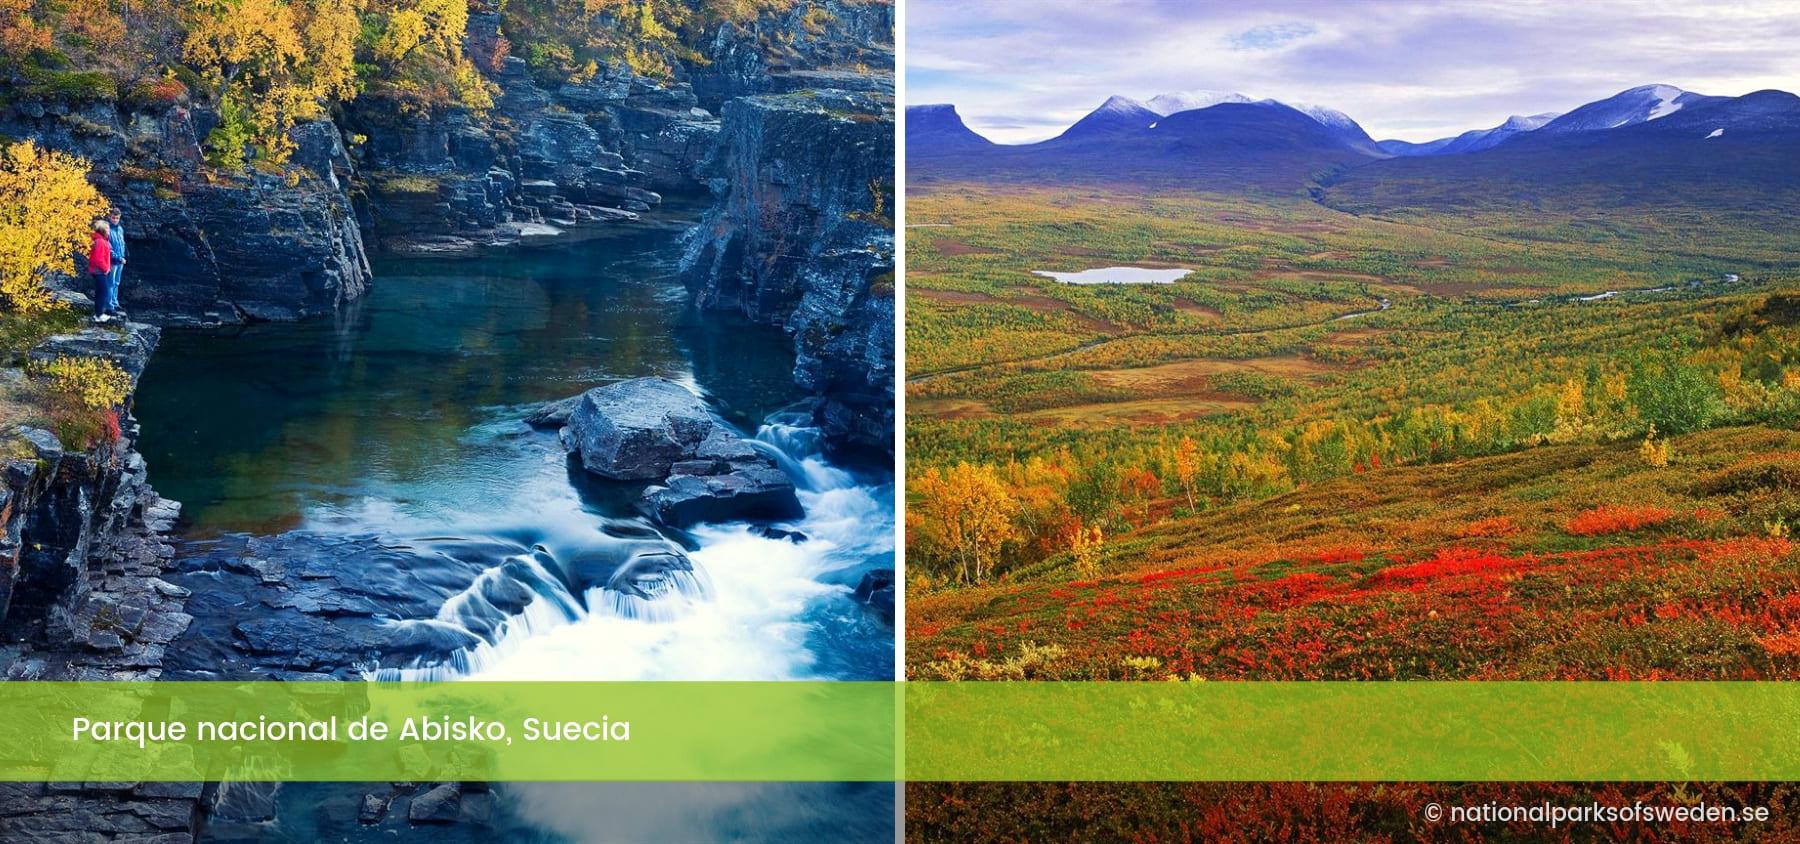 Parque nacional de Abisko Suecia